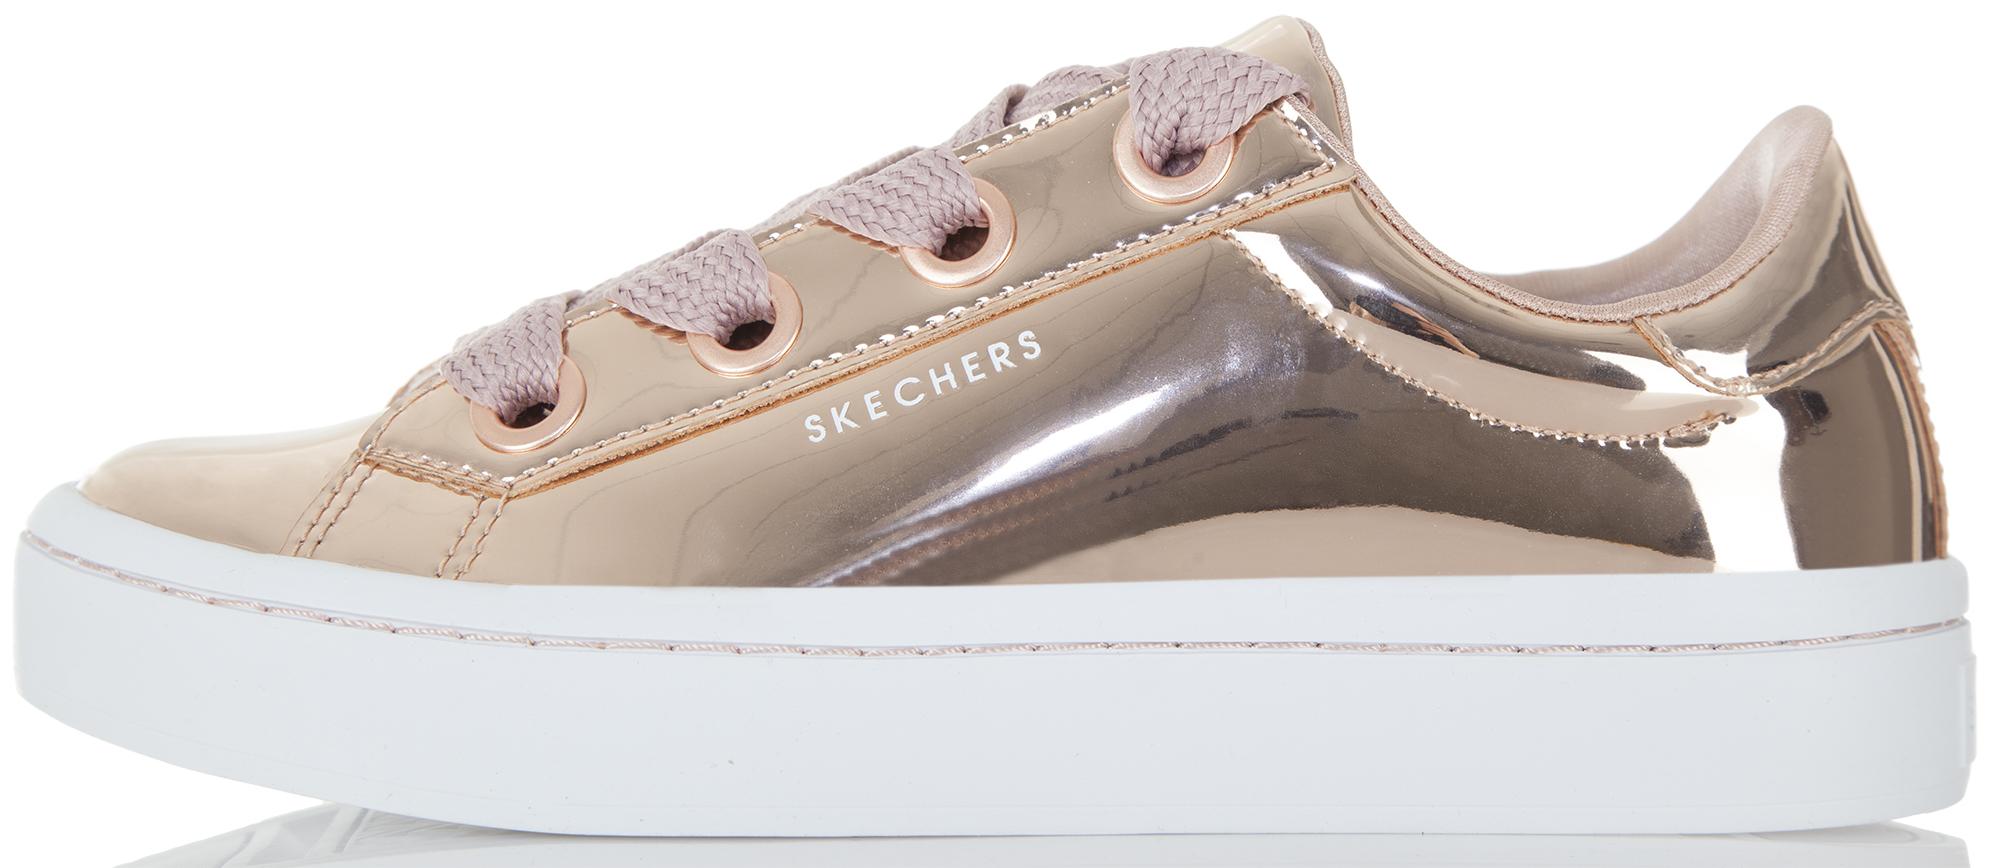 Skechers Кеды женские Skechers Hi-Lite, размер 38,5 женские кеды ulzzang